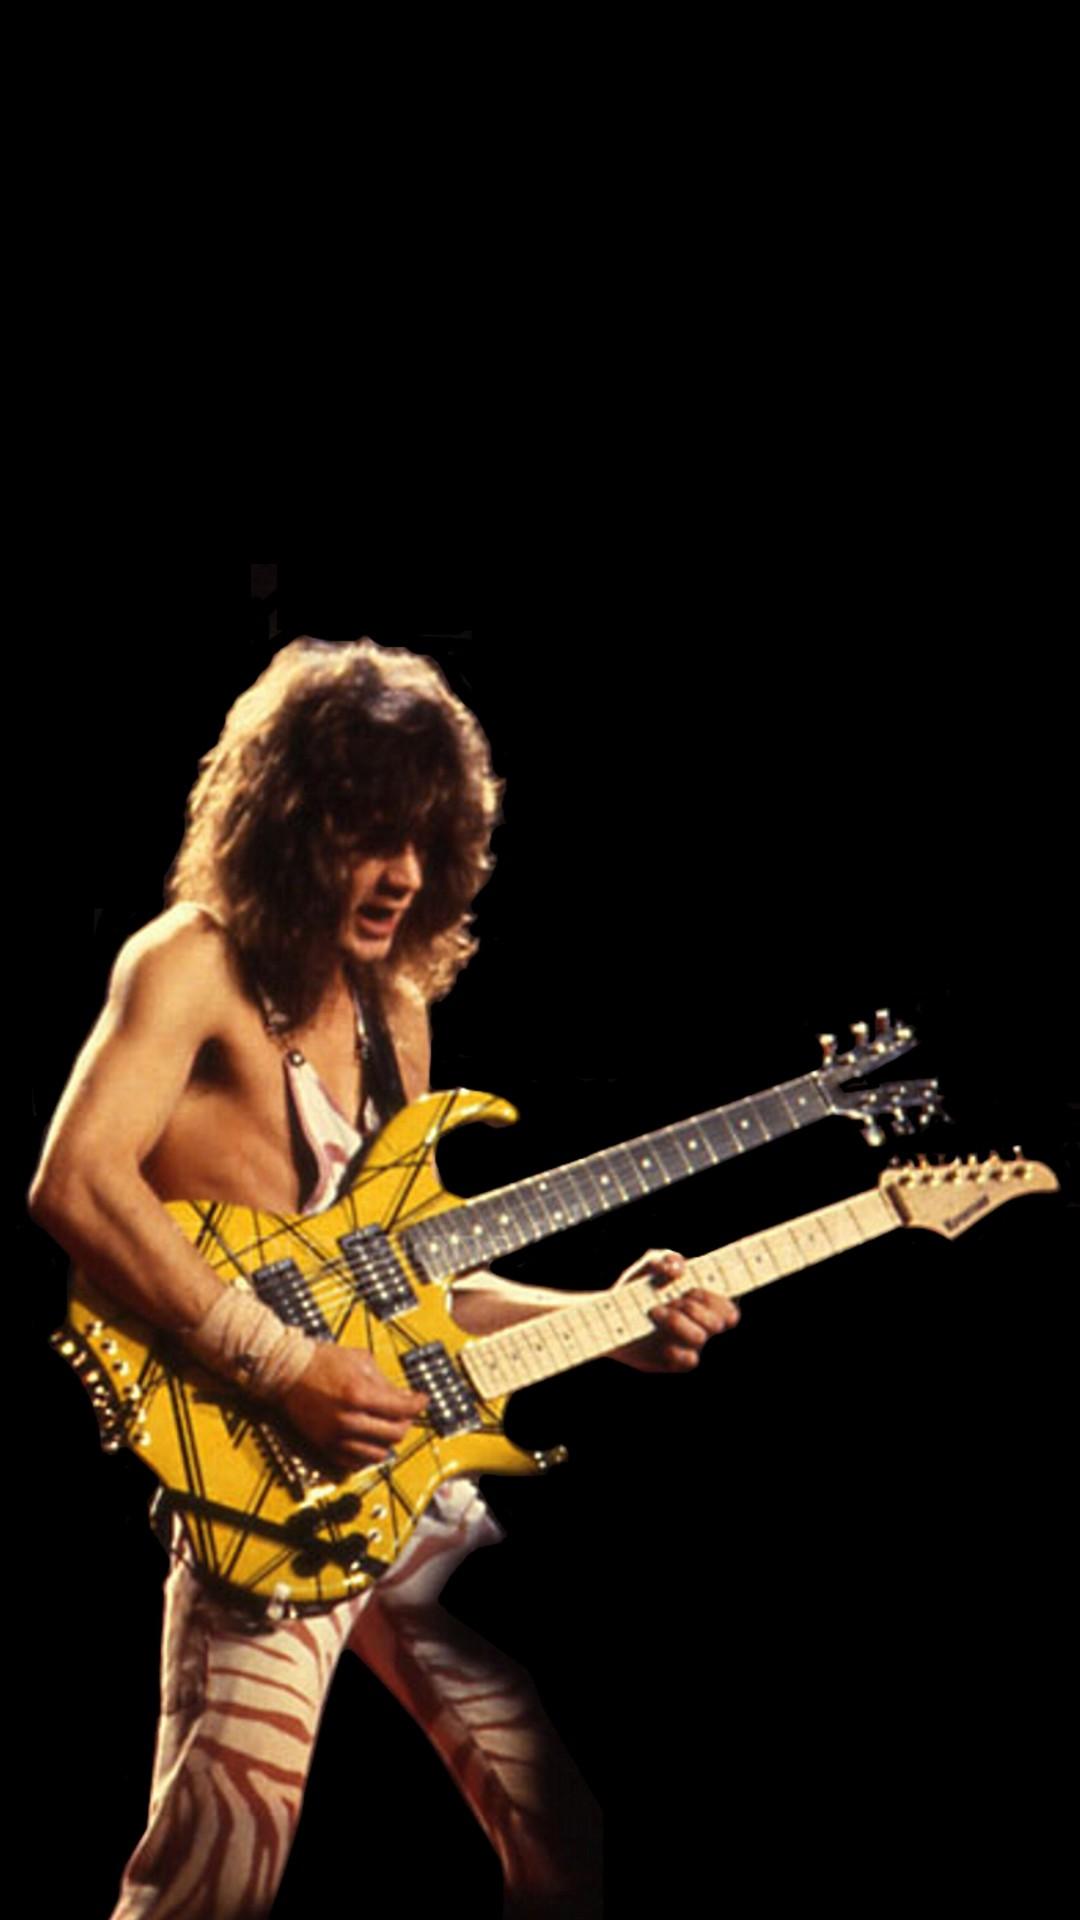 Guitar Girl Wallpaper Iphone Van Halen Wallpapers 56 Images